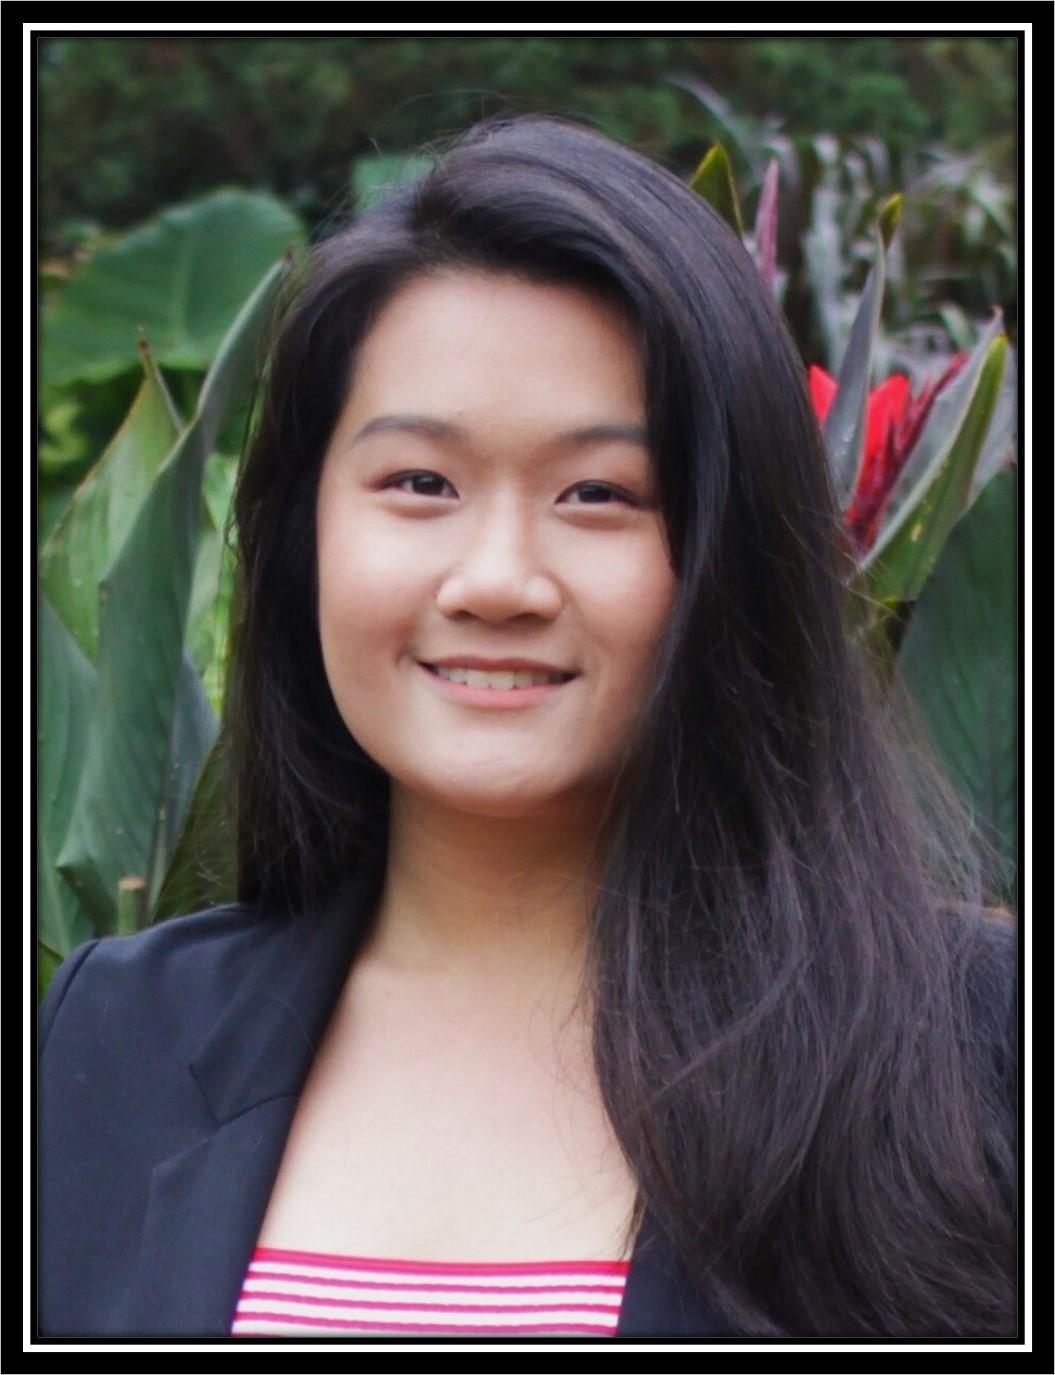 Yi Xuen Tay